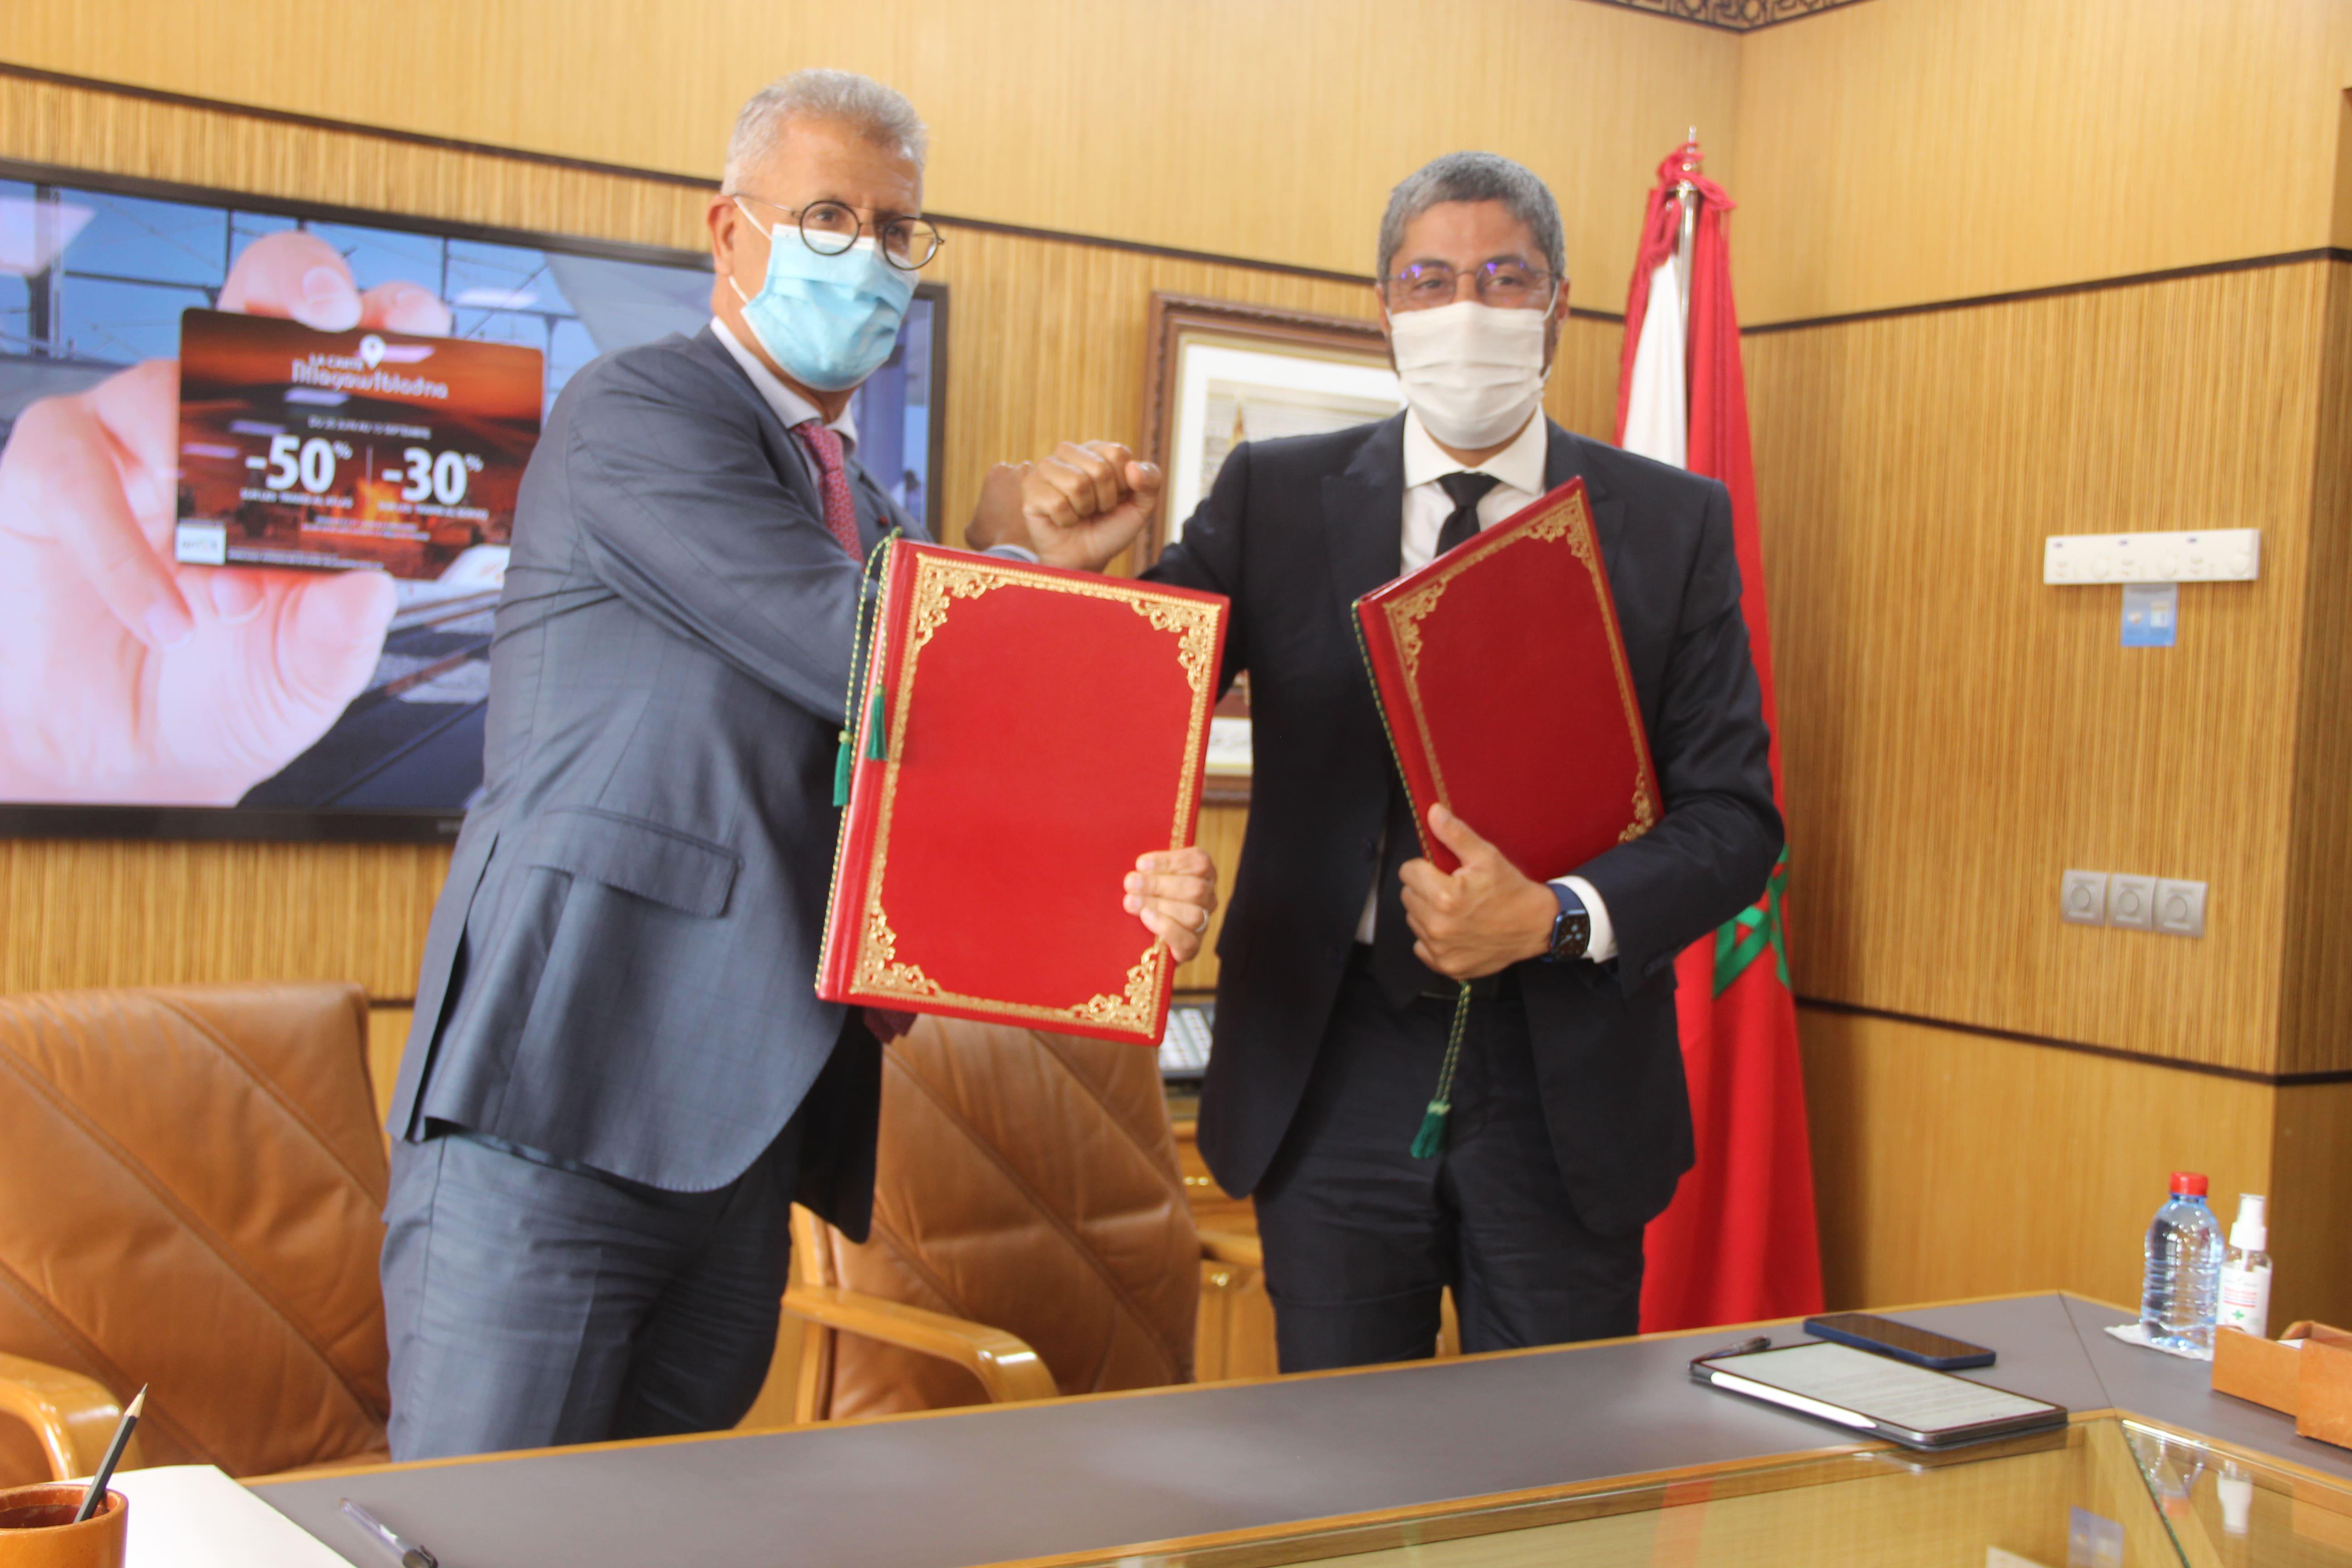 Partenariat ONCF-ONMT  Une complémentarité au service du tourisme interne